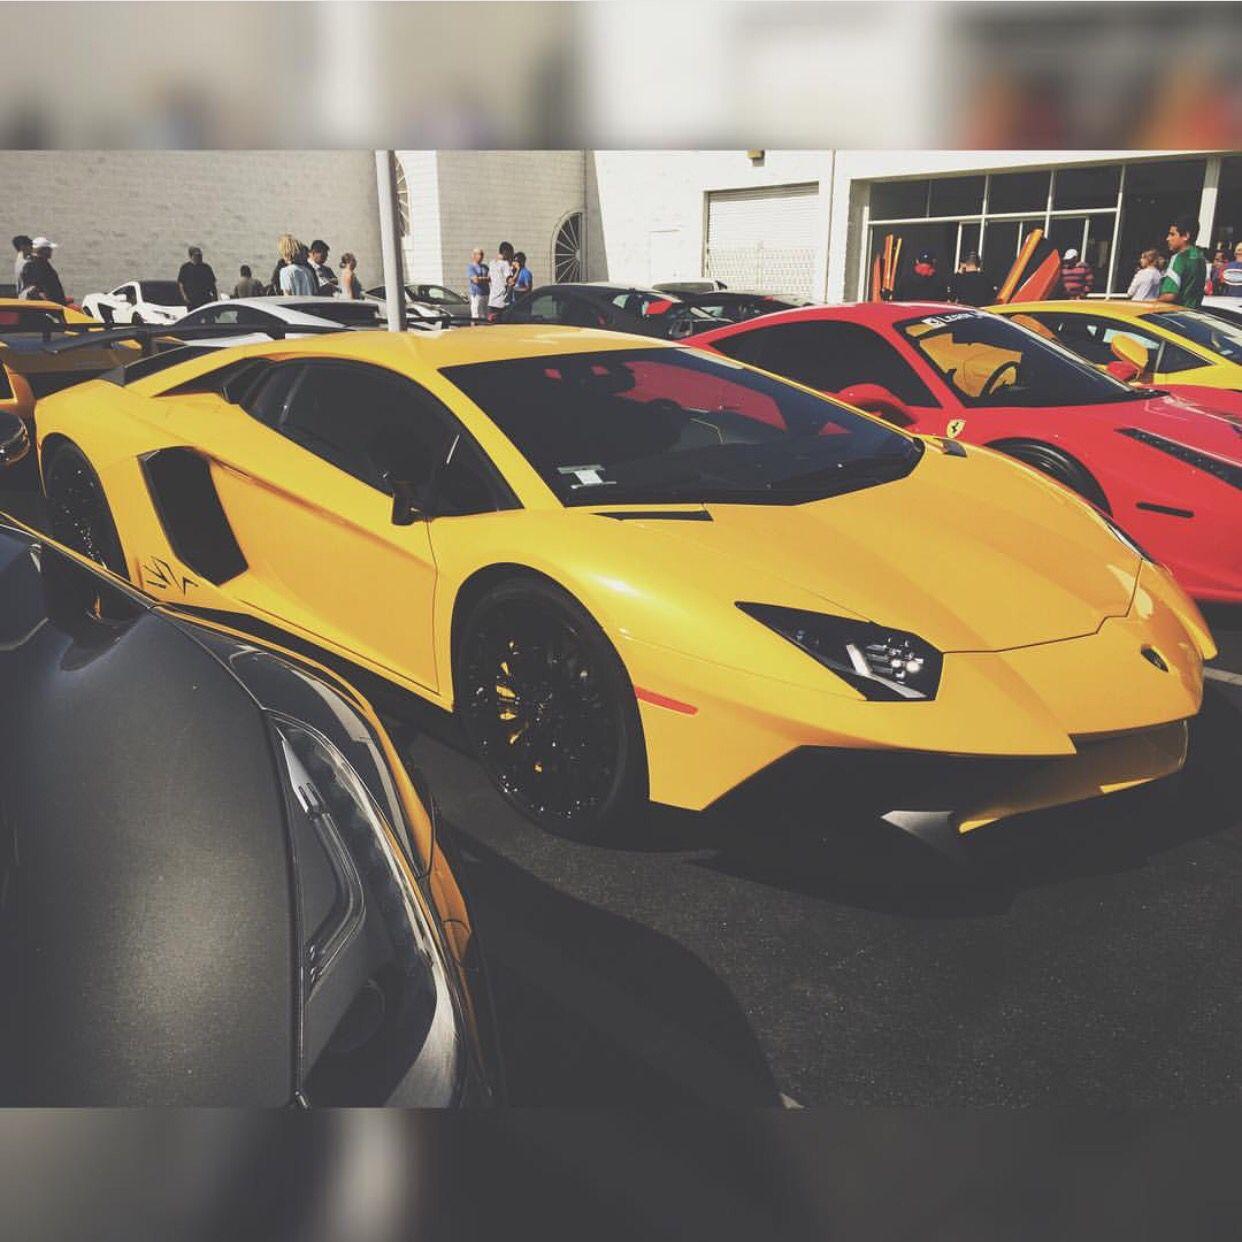 Lamborghini Aventador Super Veloce Painted In Giallo